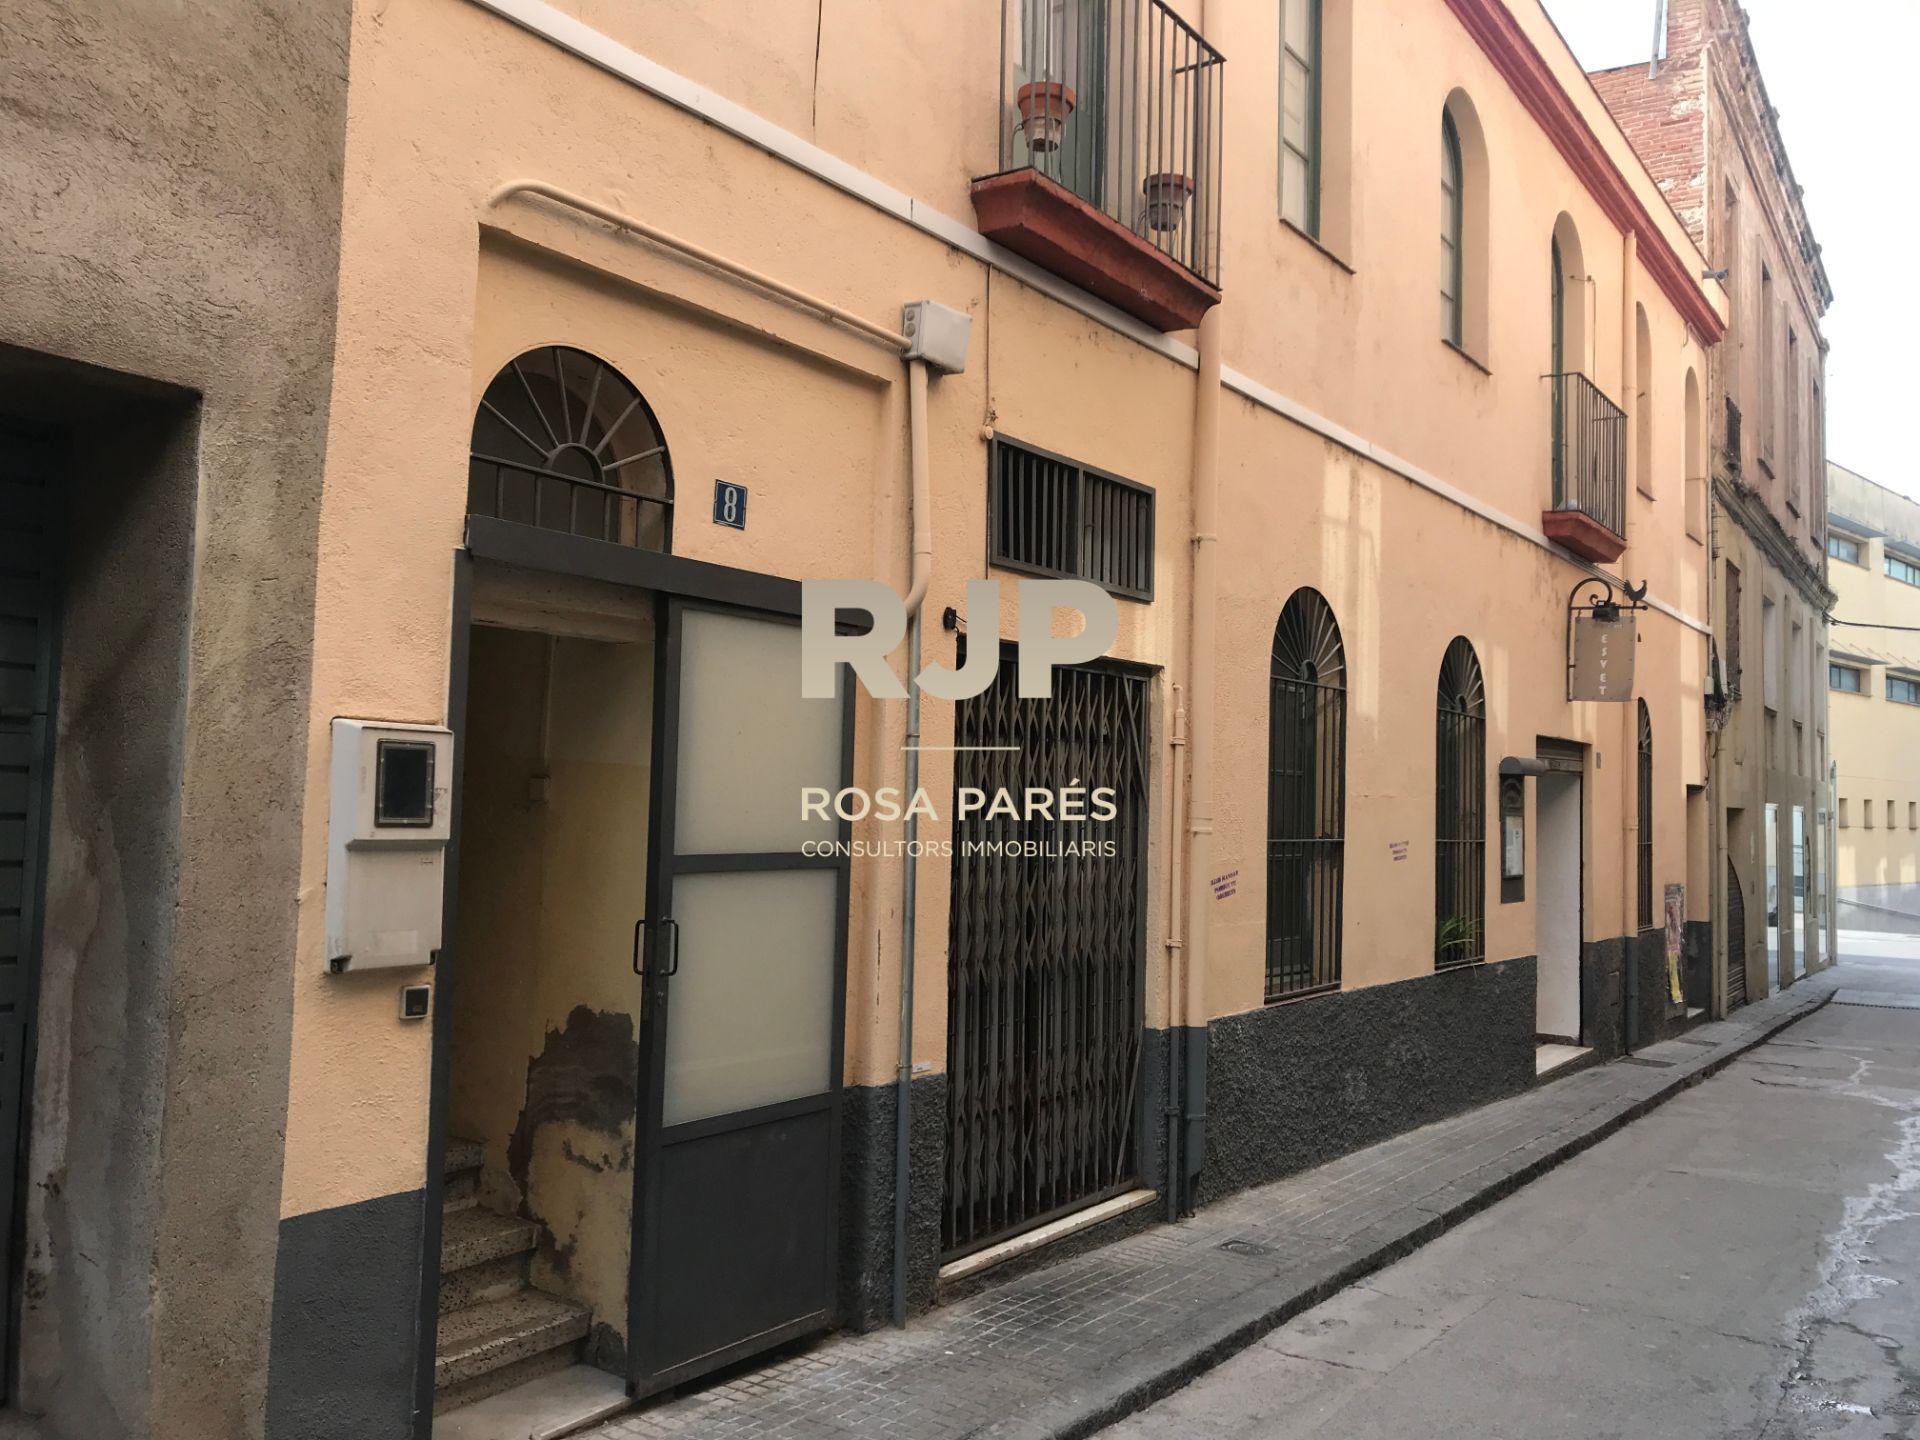 Local comercial en la Garriga, centre, traspaso